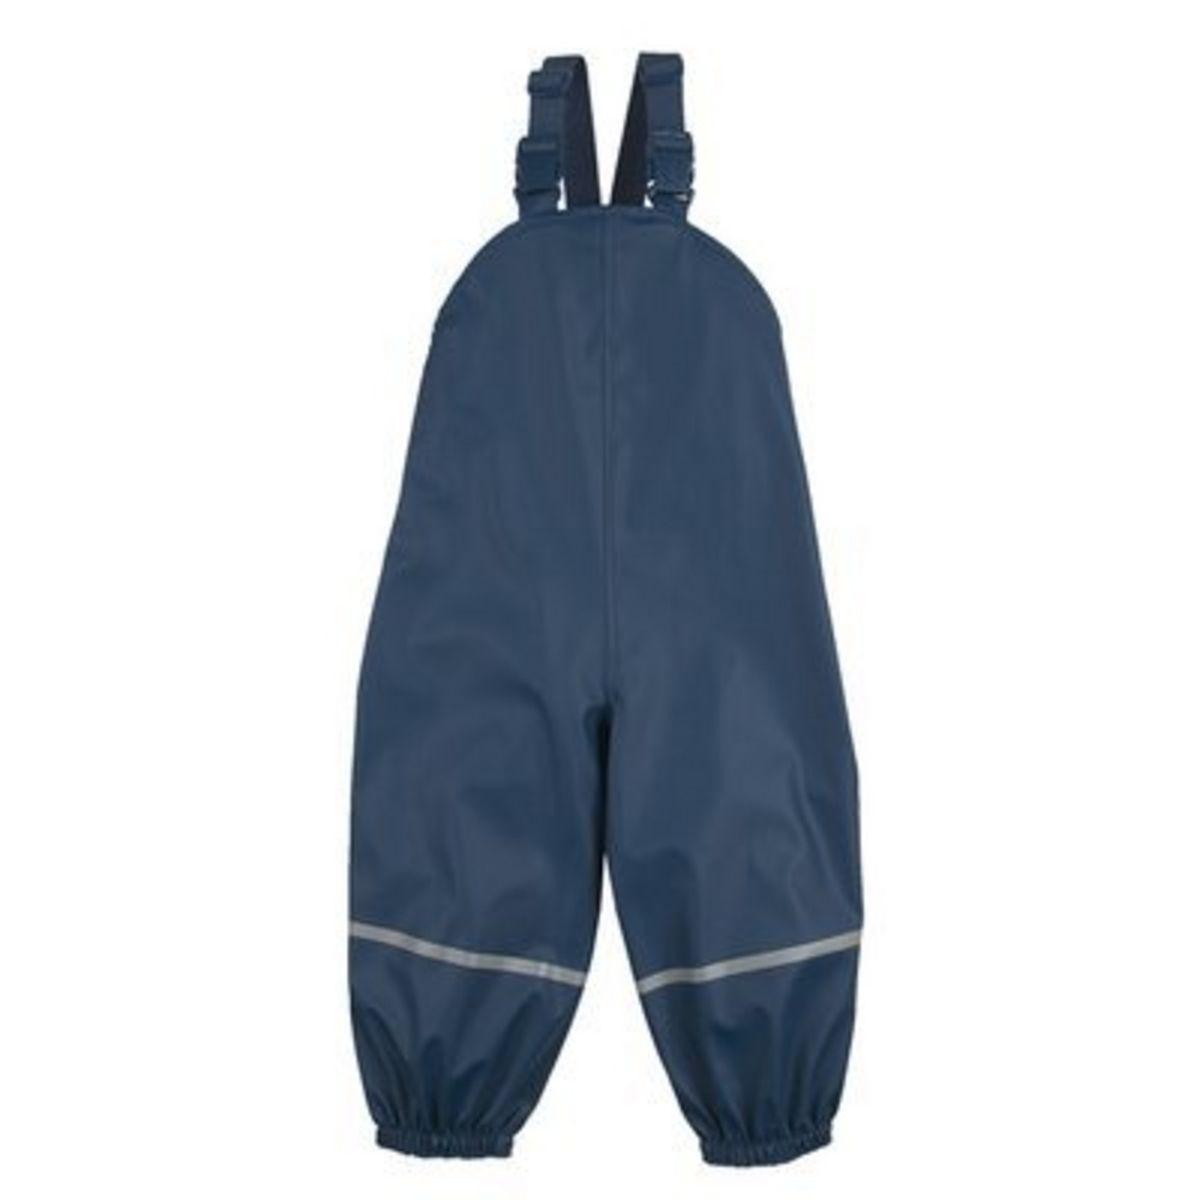 Bornino Salopette de pluie avec doublure légère pantalon de pluie...